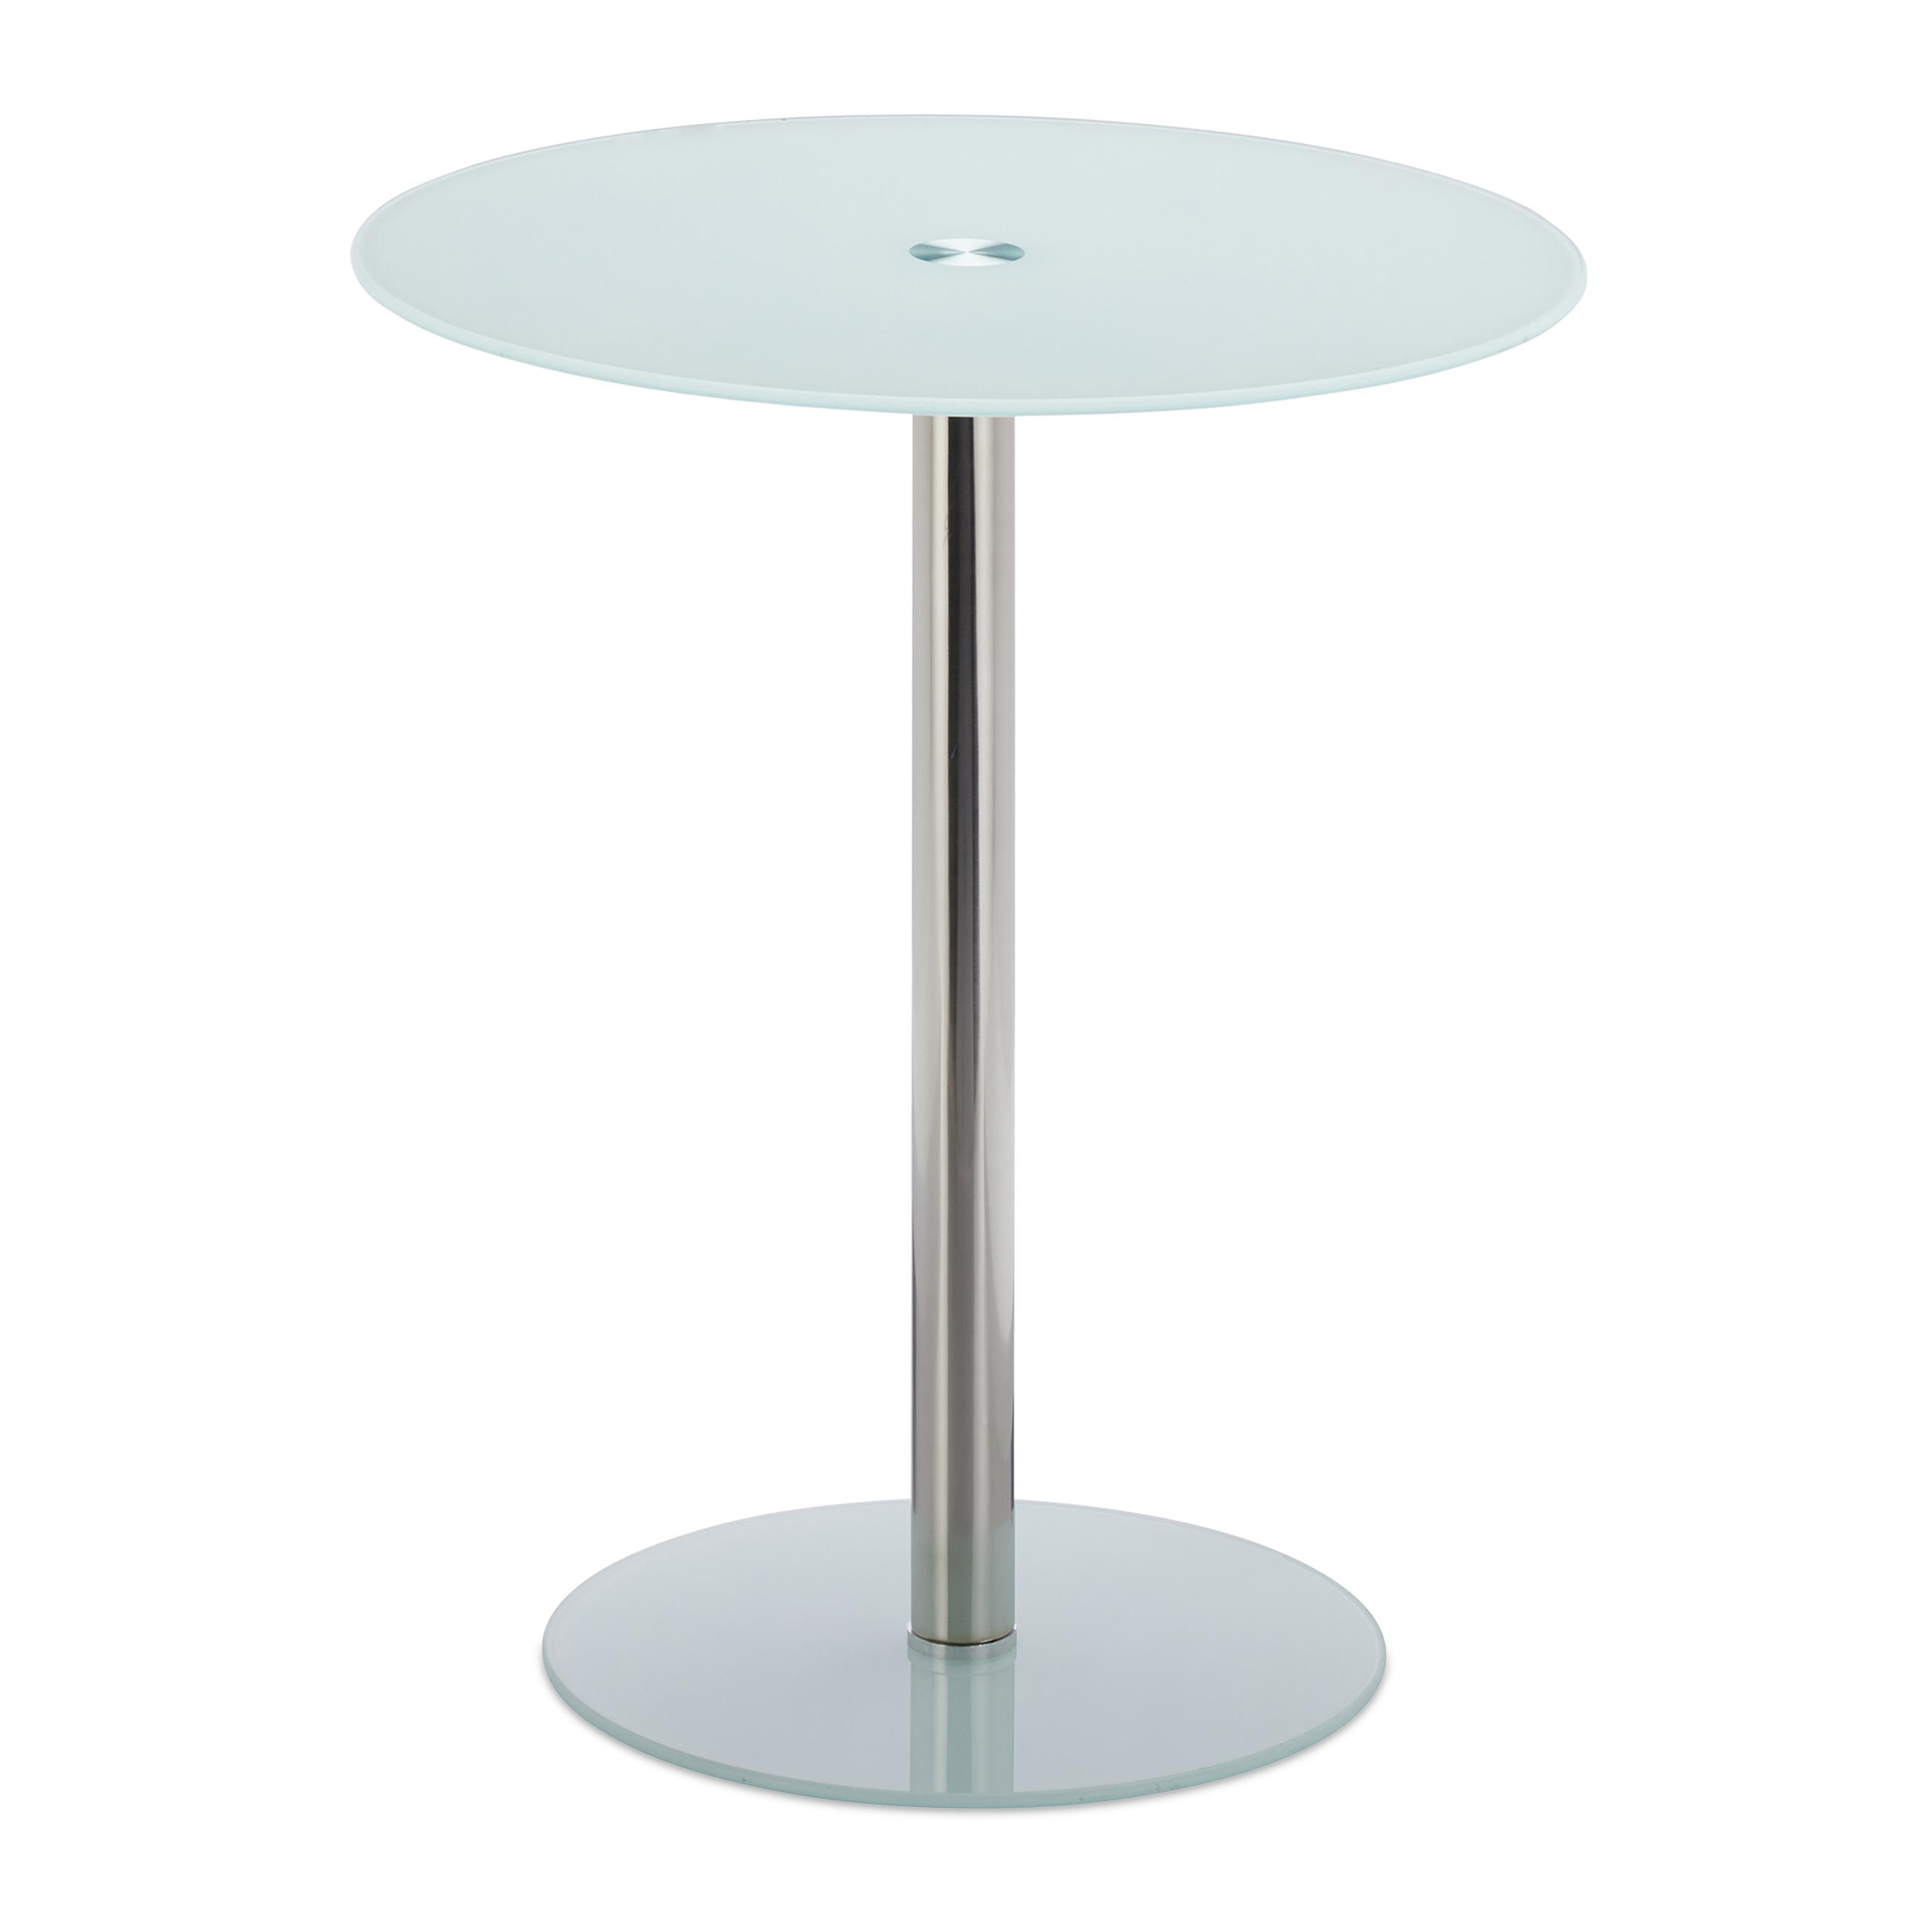 beistelltisch glas edelstahl rund designertisch sofatisch kaffeetisch ziertisch ebay. Black Bedroom Furniture Sets. Home Design Ideas